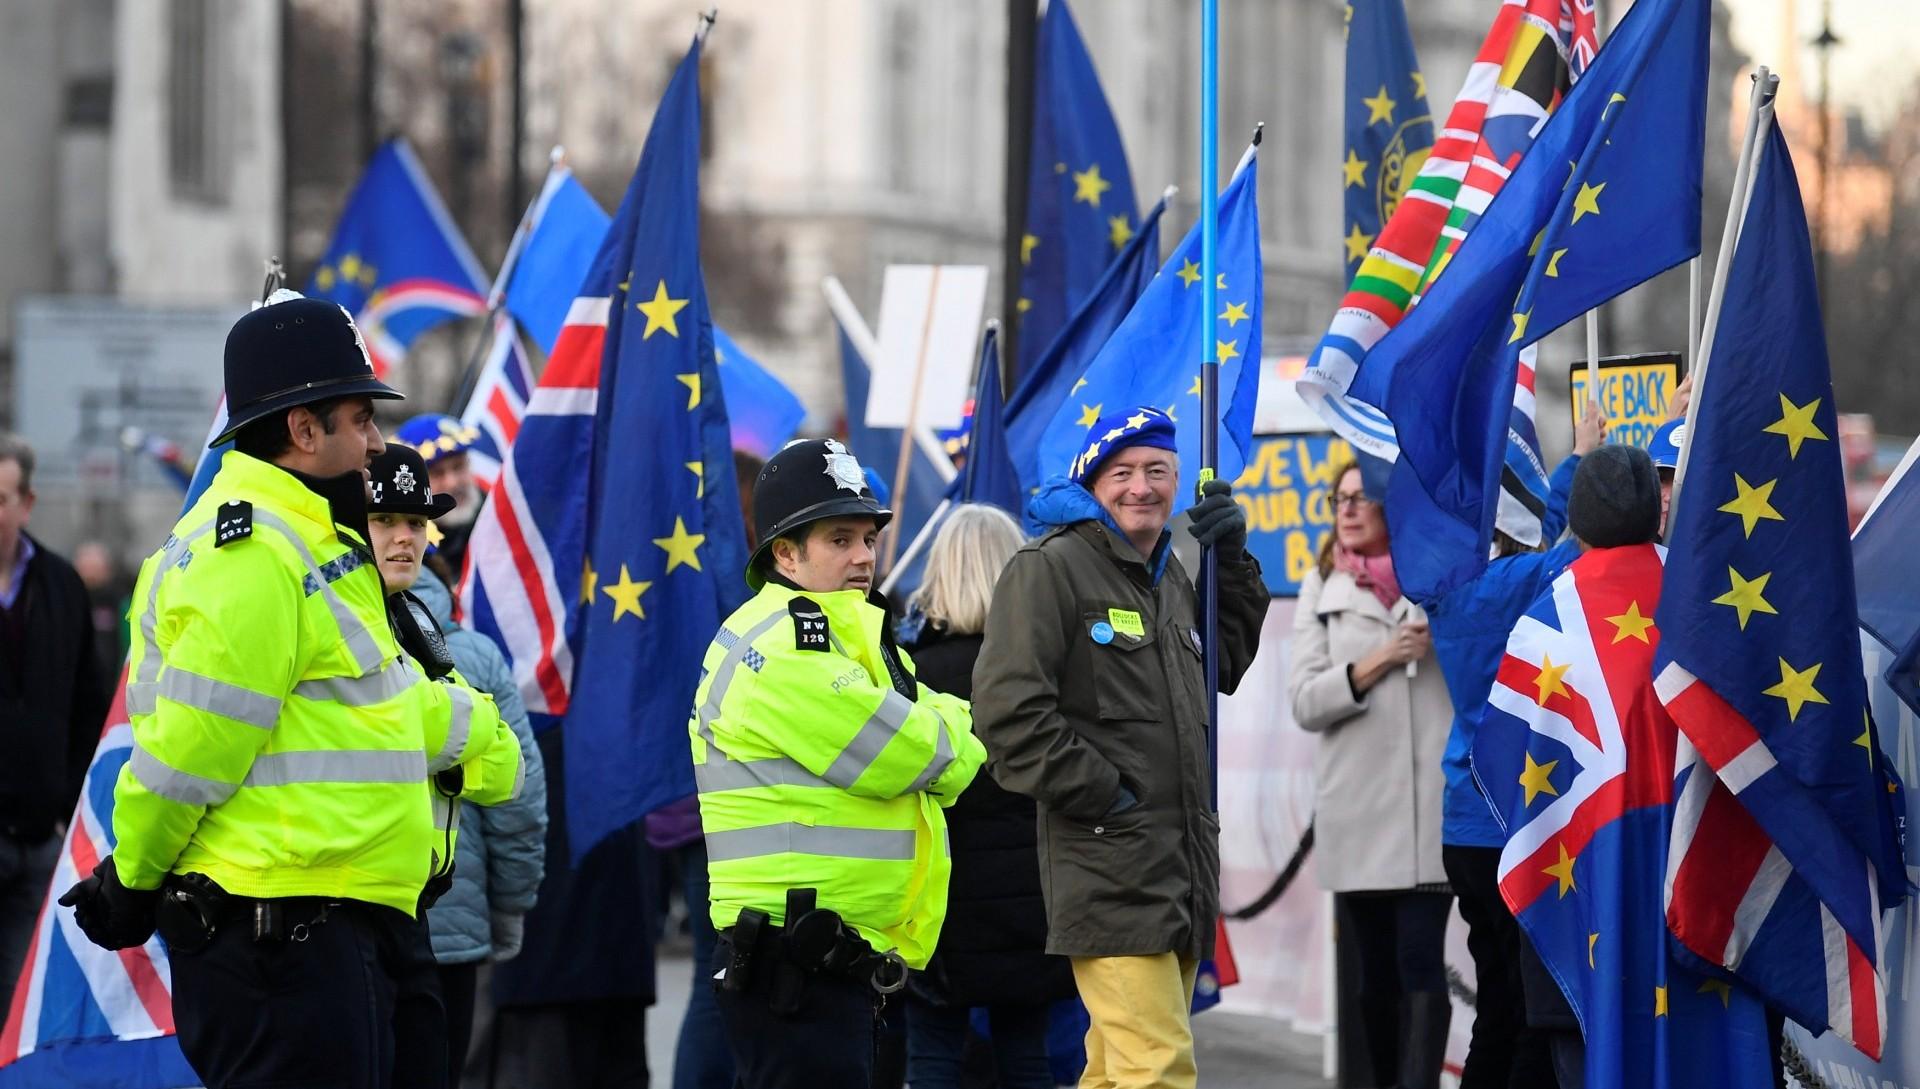 Una manifestación en contra del Brexit. El proceso ha tenido hasta la fecha un impacto negativo en la economía del Reino Unido (REUTERS/Toby Melville)